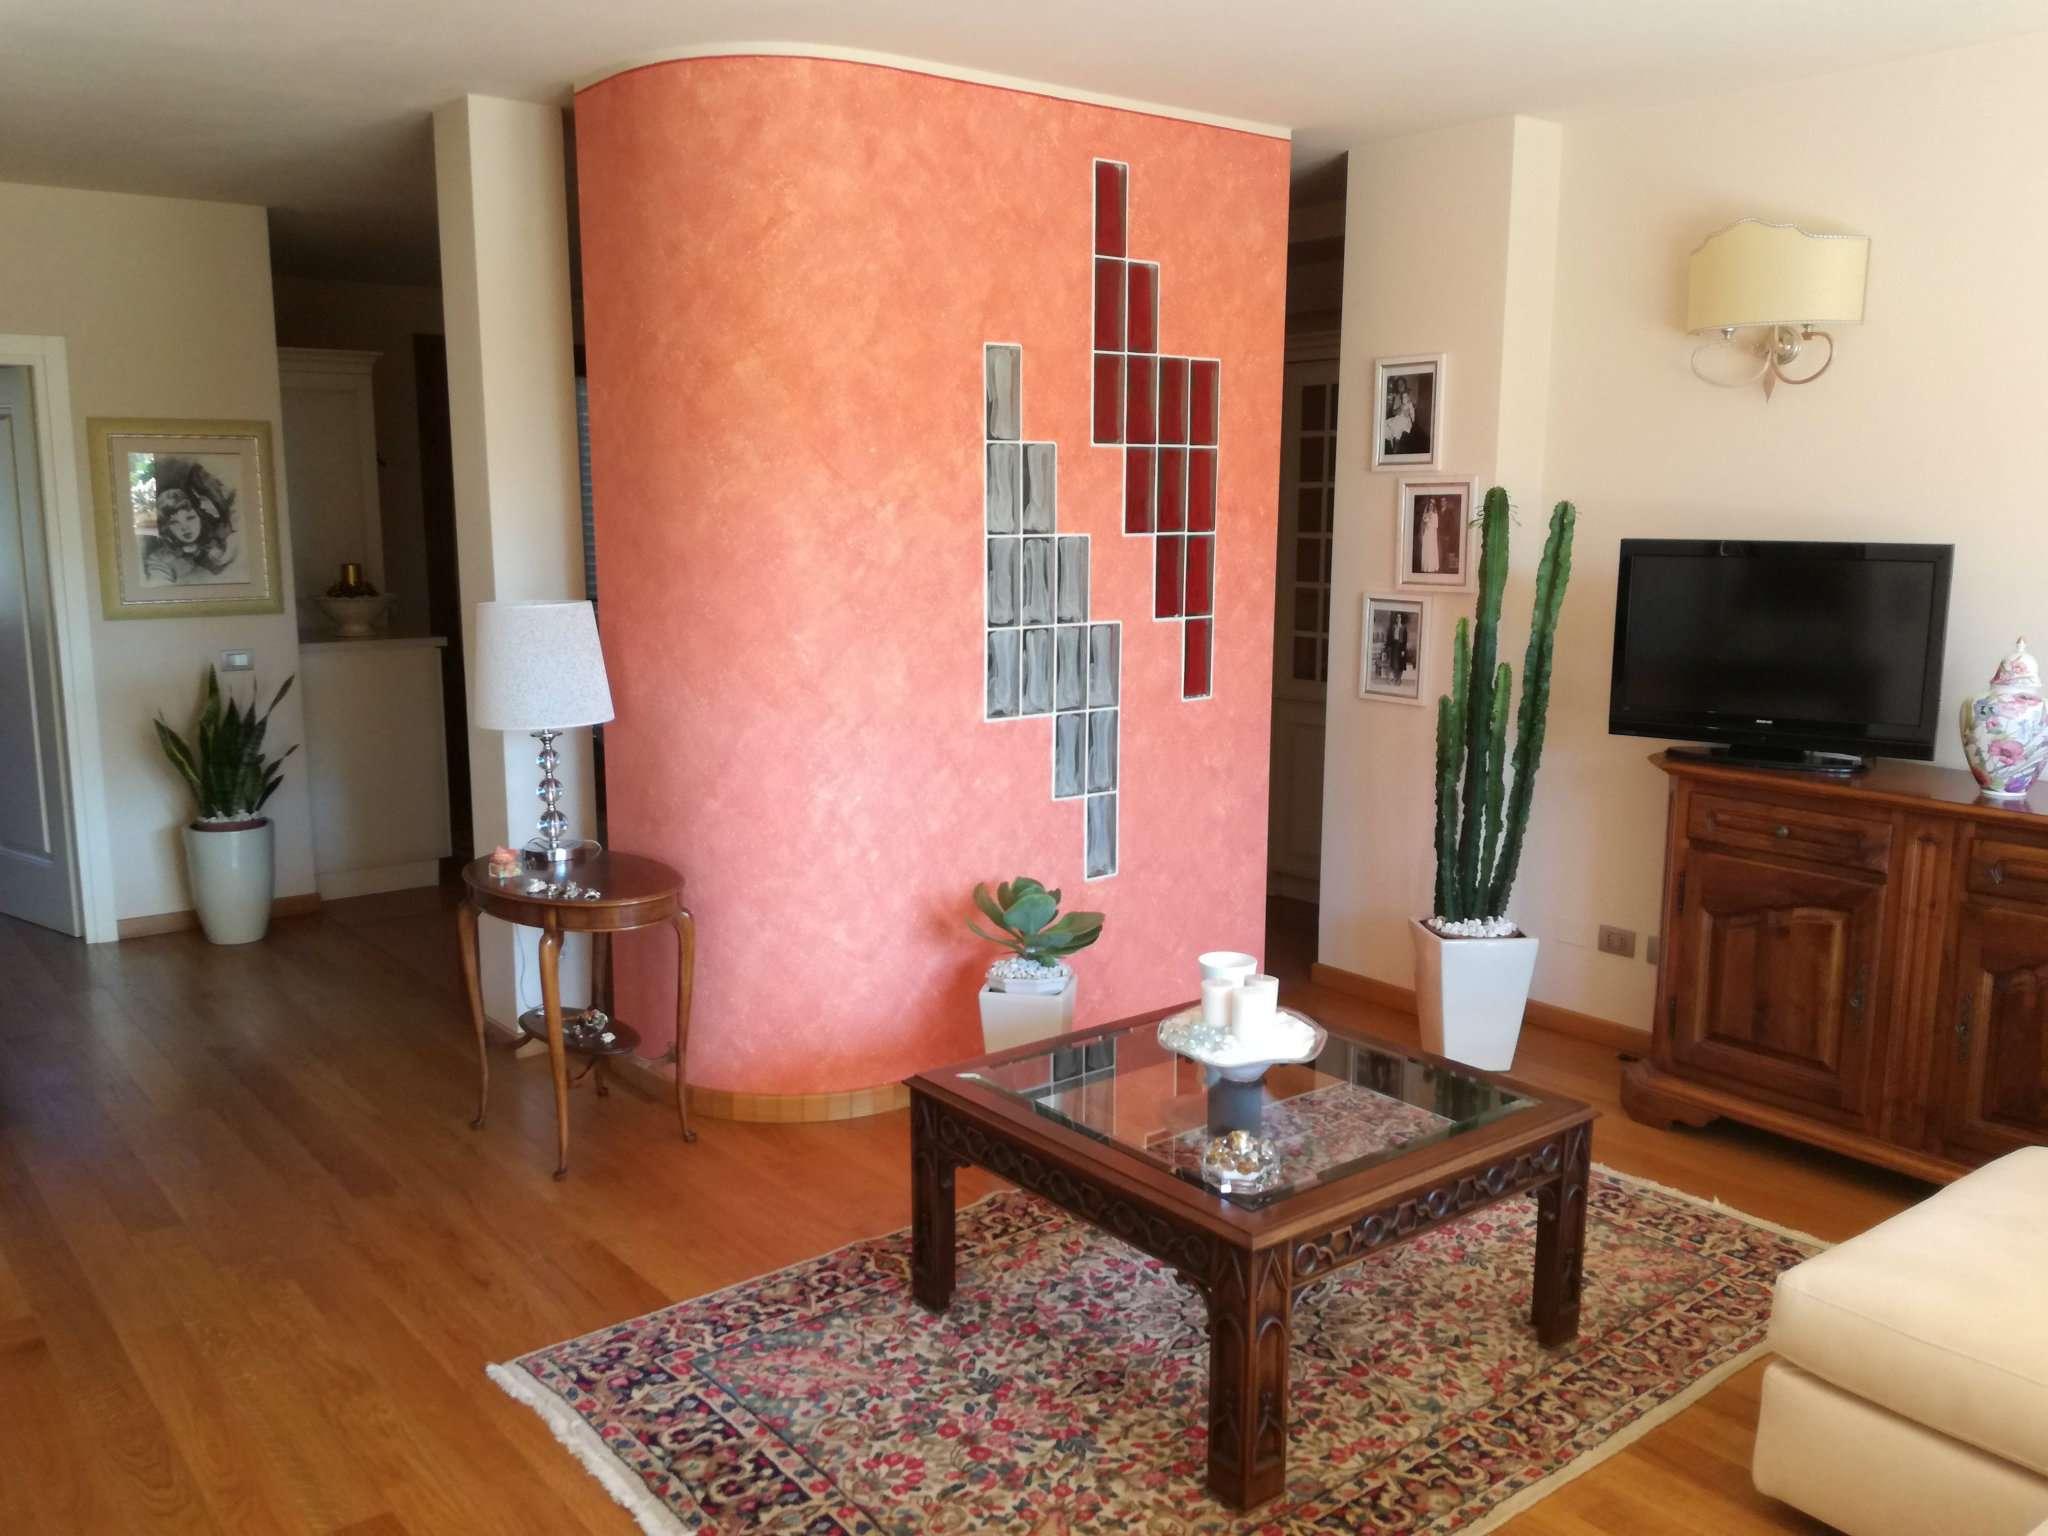 Palazzo / Stabile in vendita a Montelupo Fiorentino, 8 locali, prezzo € 550.000 | CambioCasa.it